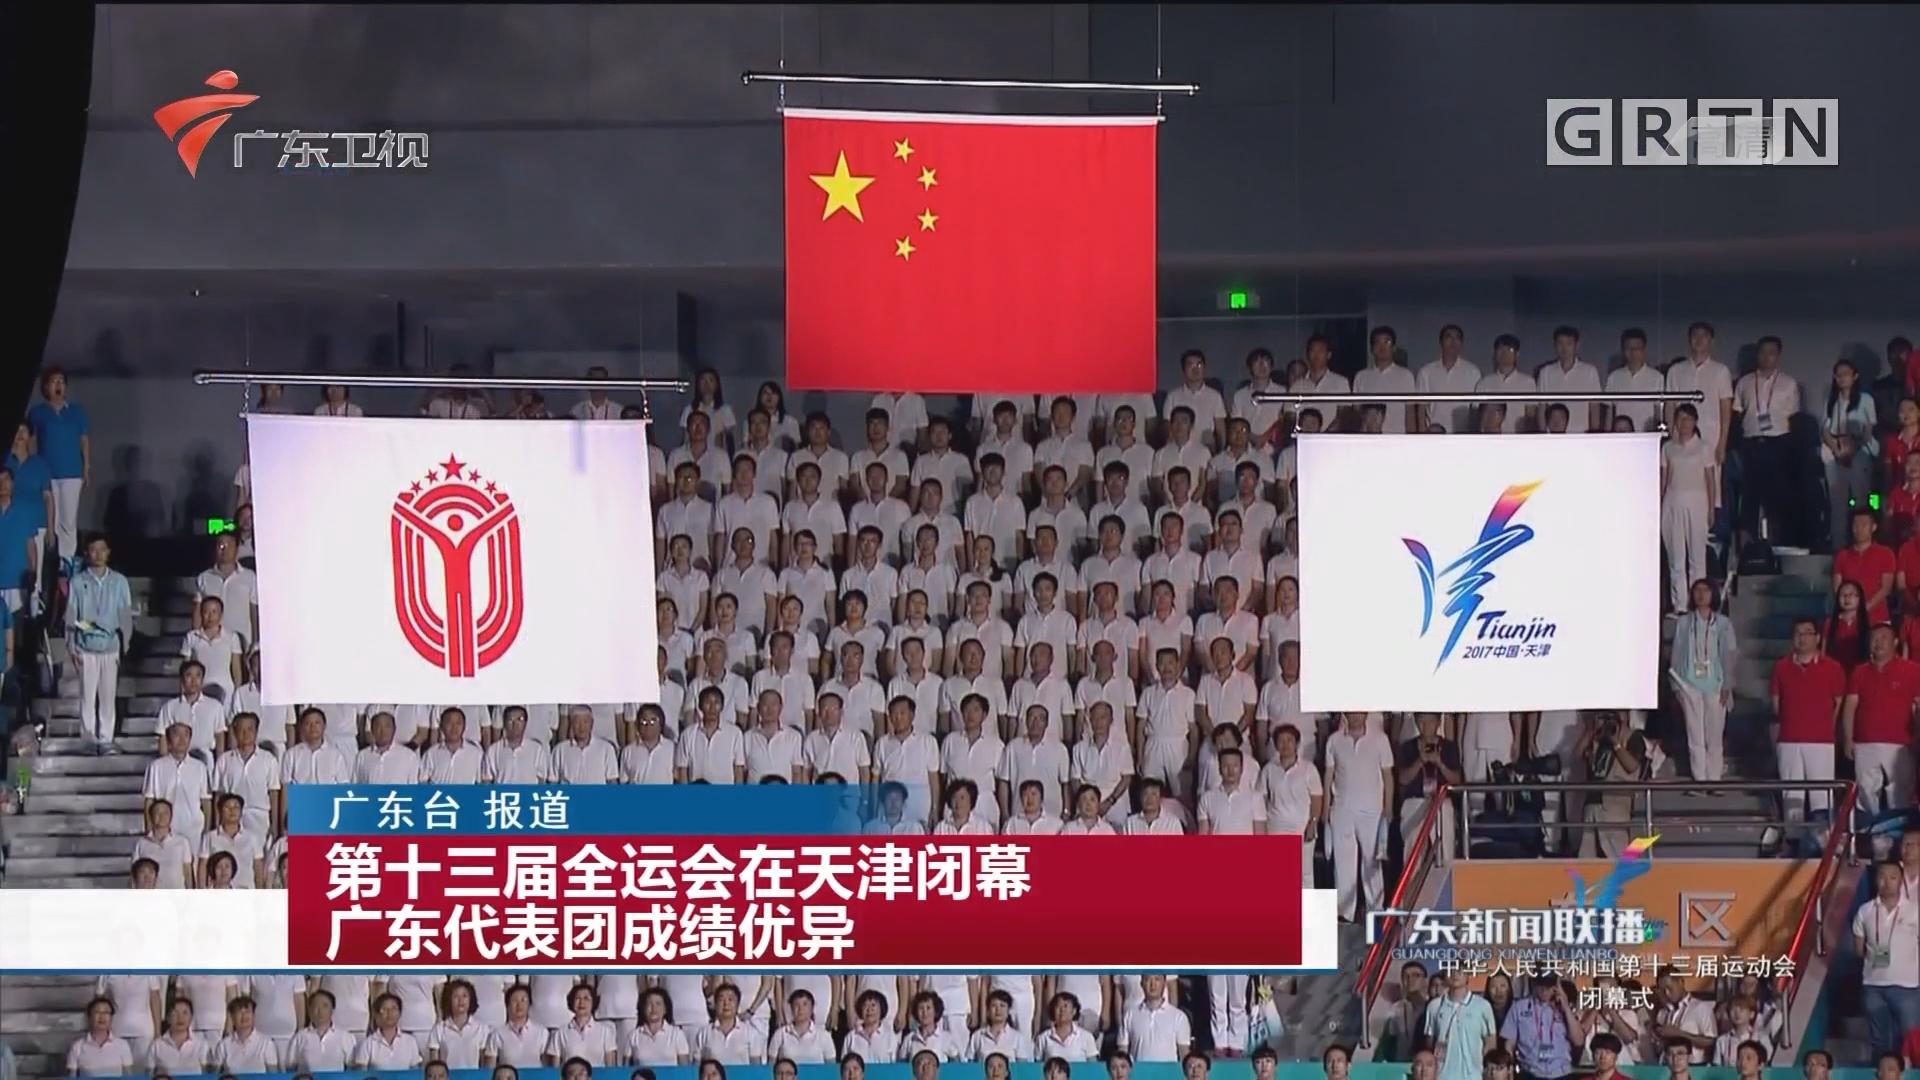 第十三届全运会在天津闭幕 广东代表团成绩优异